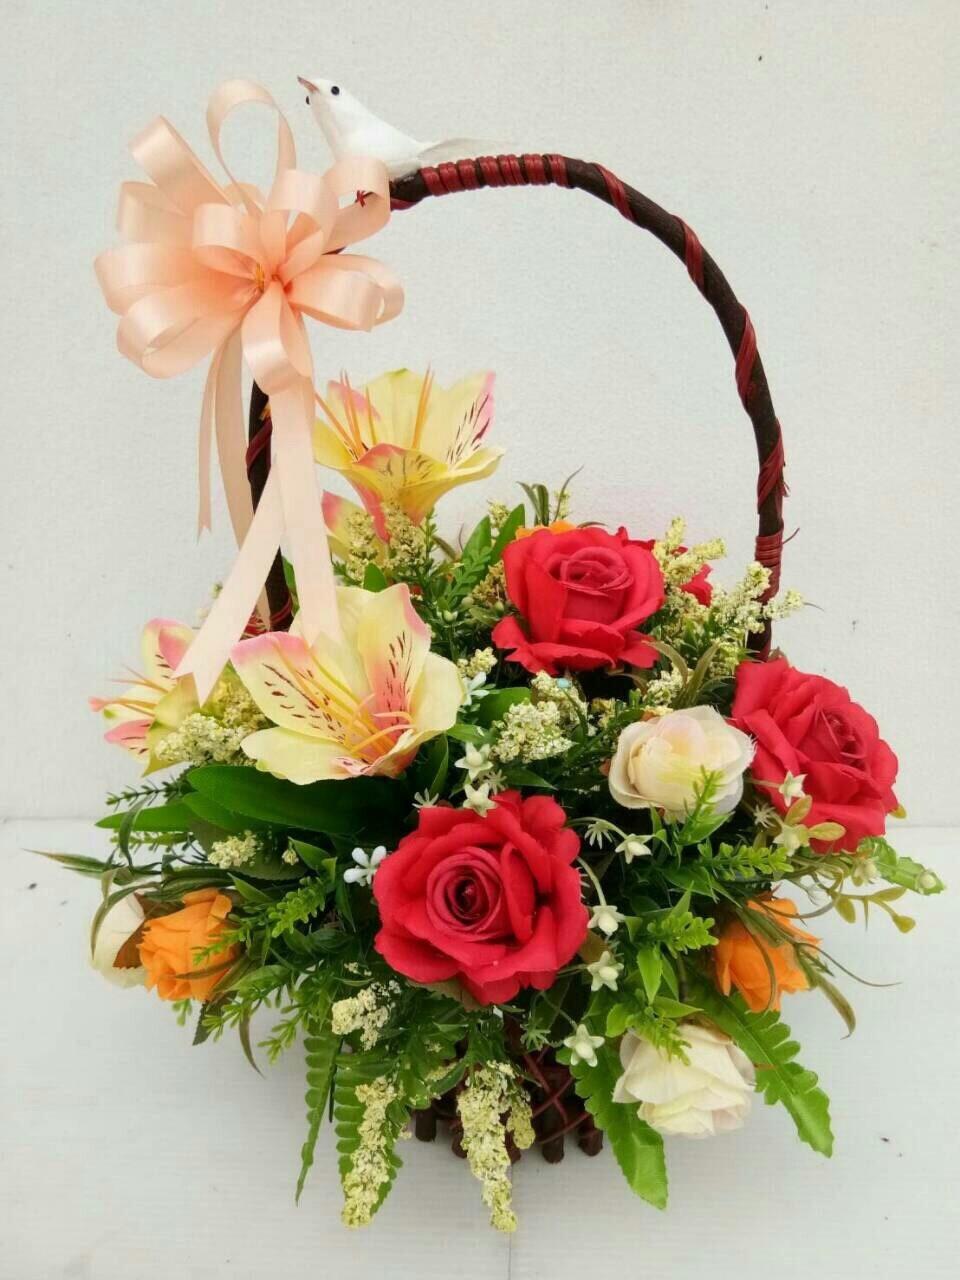 กระเช้าดอกไม้ประดิษฐ์เล็ก รหัส 2074